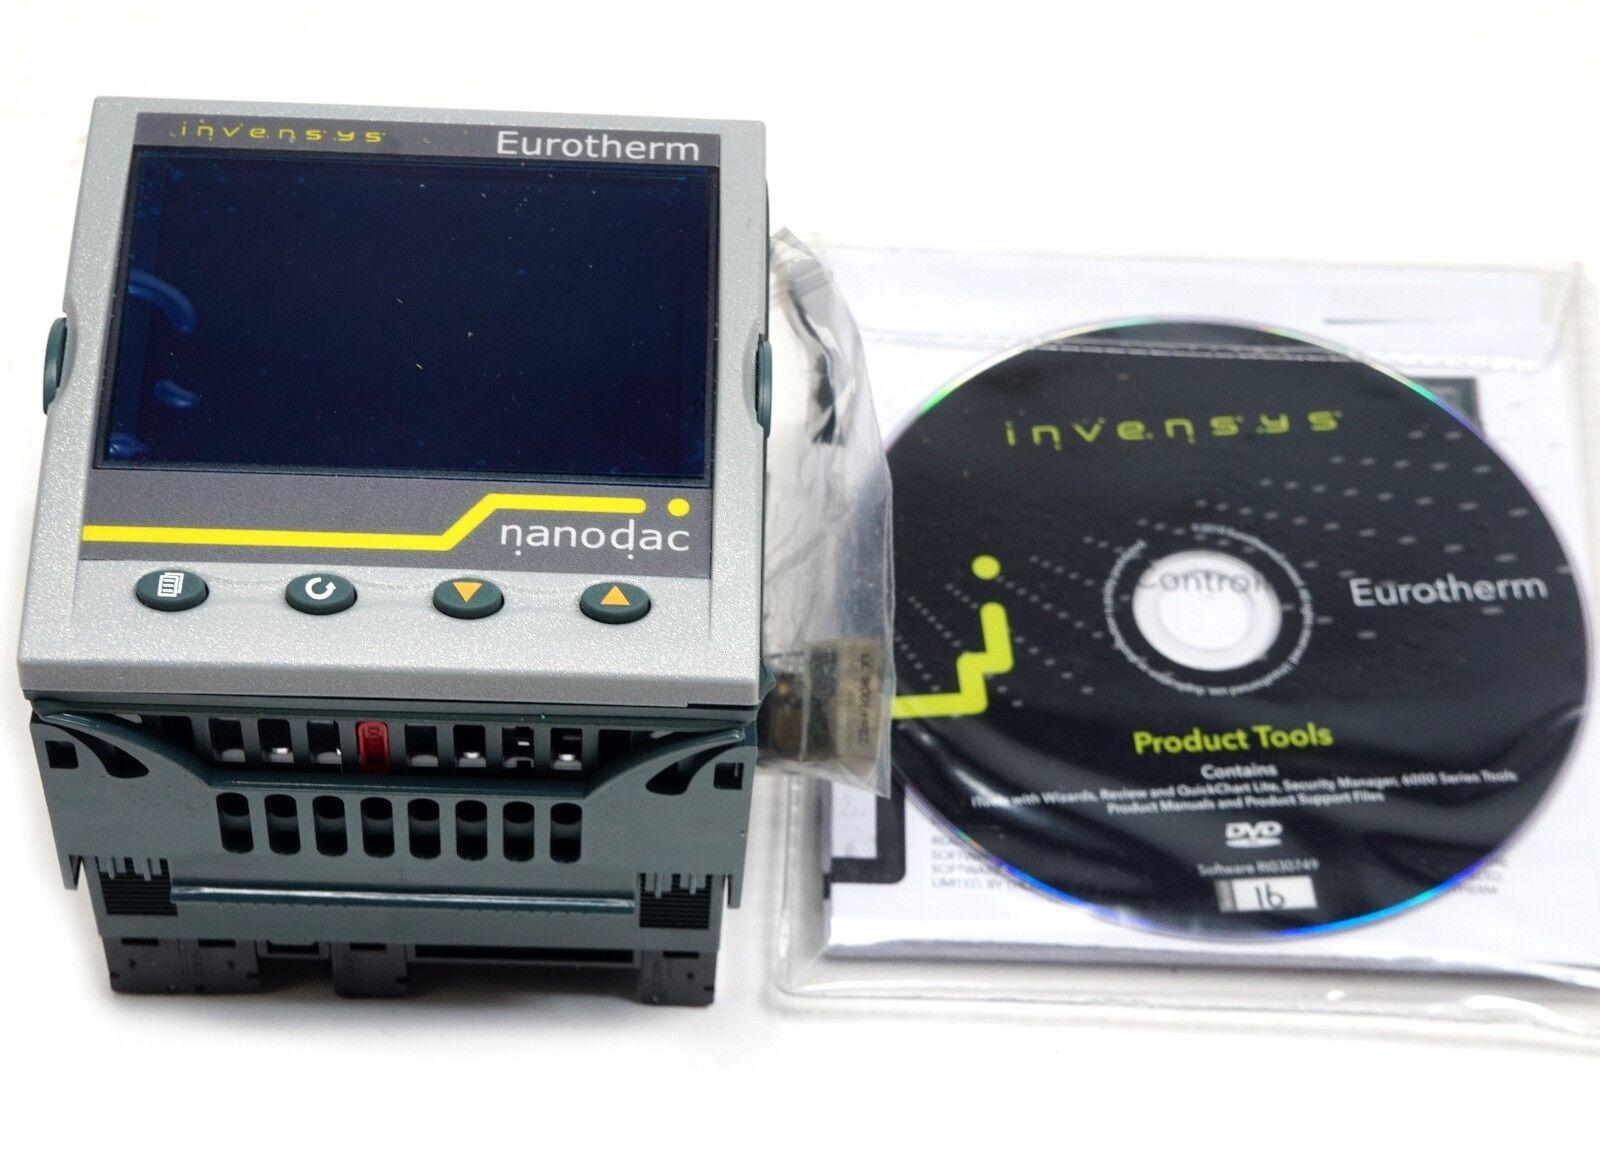 Eurotherm Nanodac, Graphical Recorder Controller VH/C